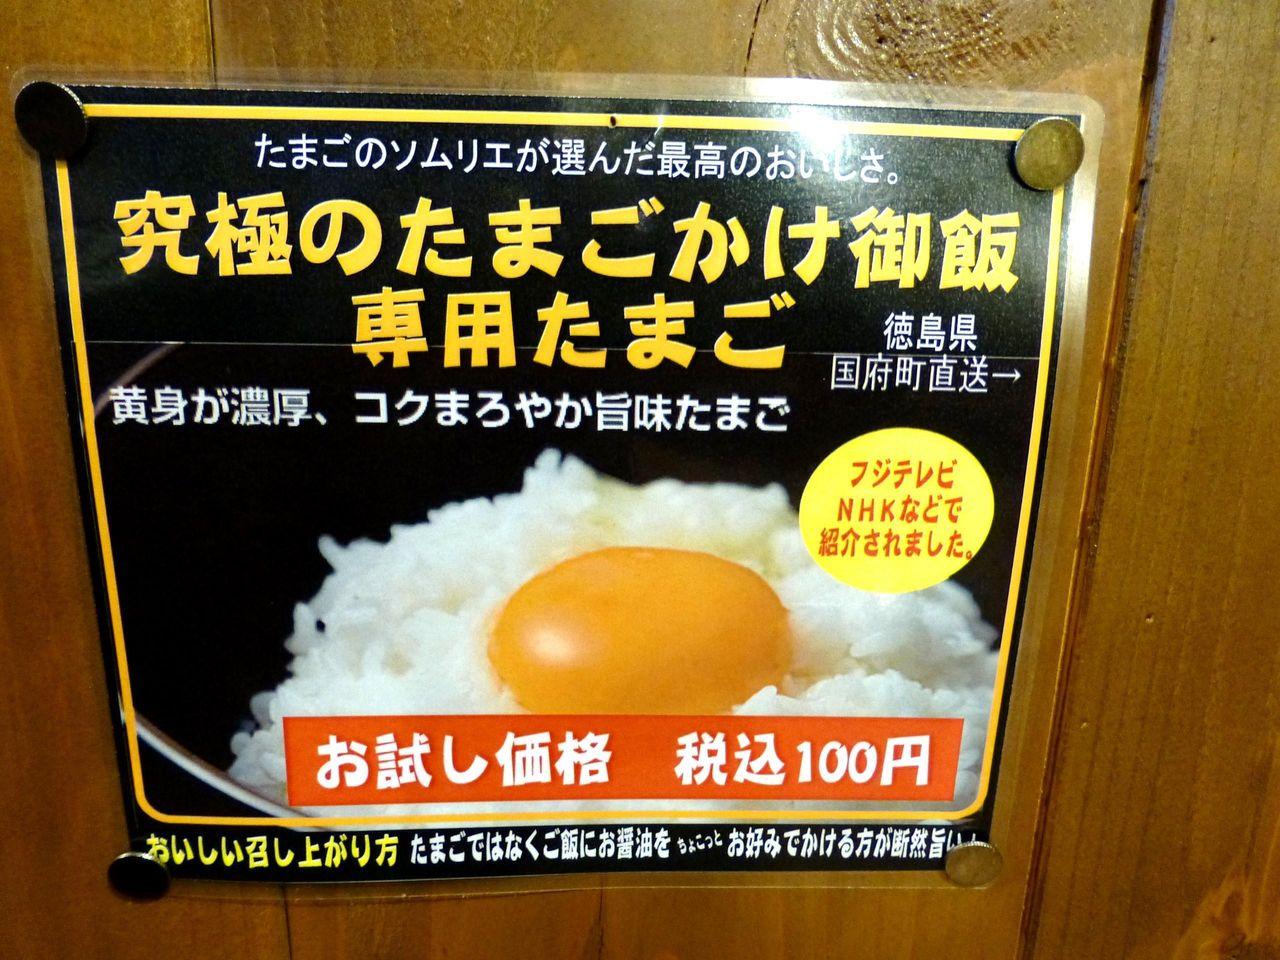 すてーき亭のメニュー(27年1月現在)